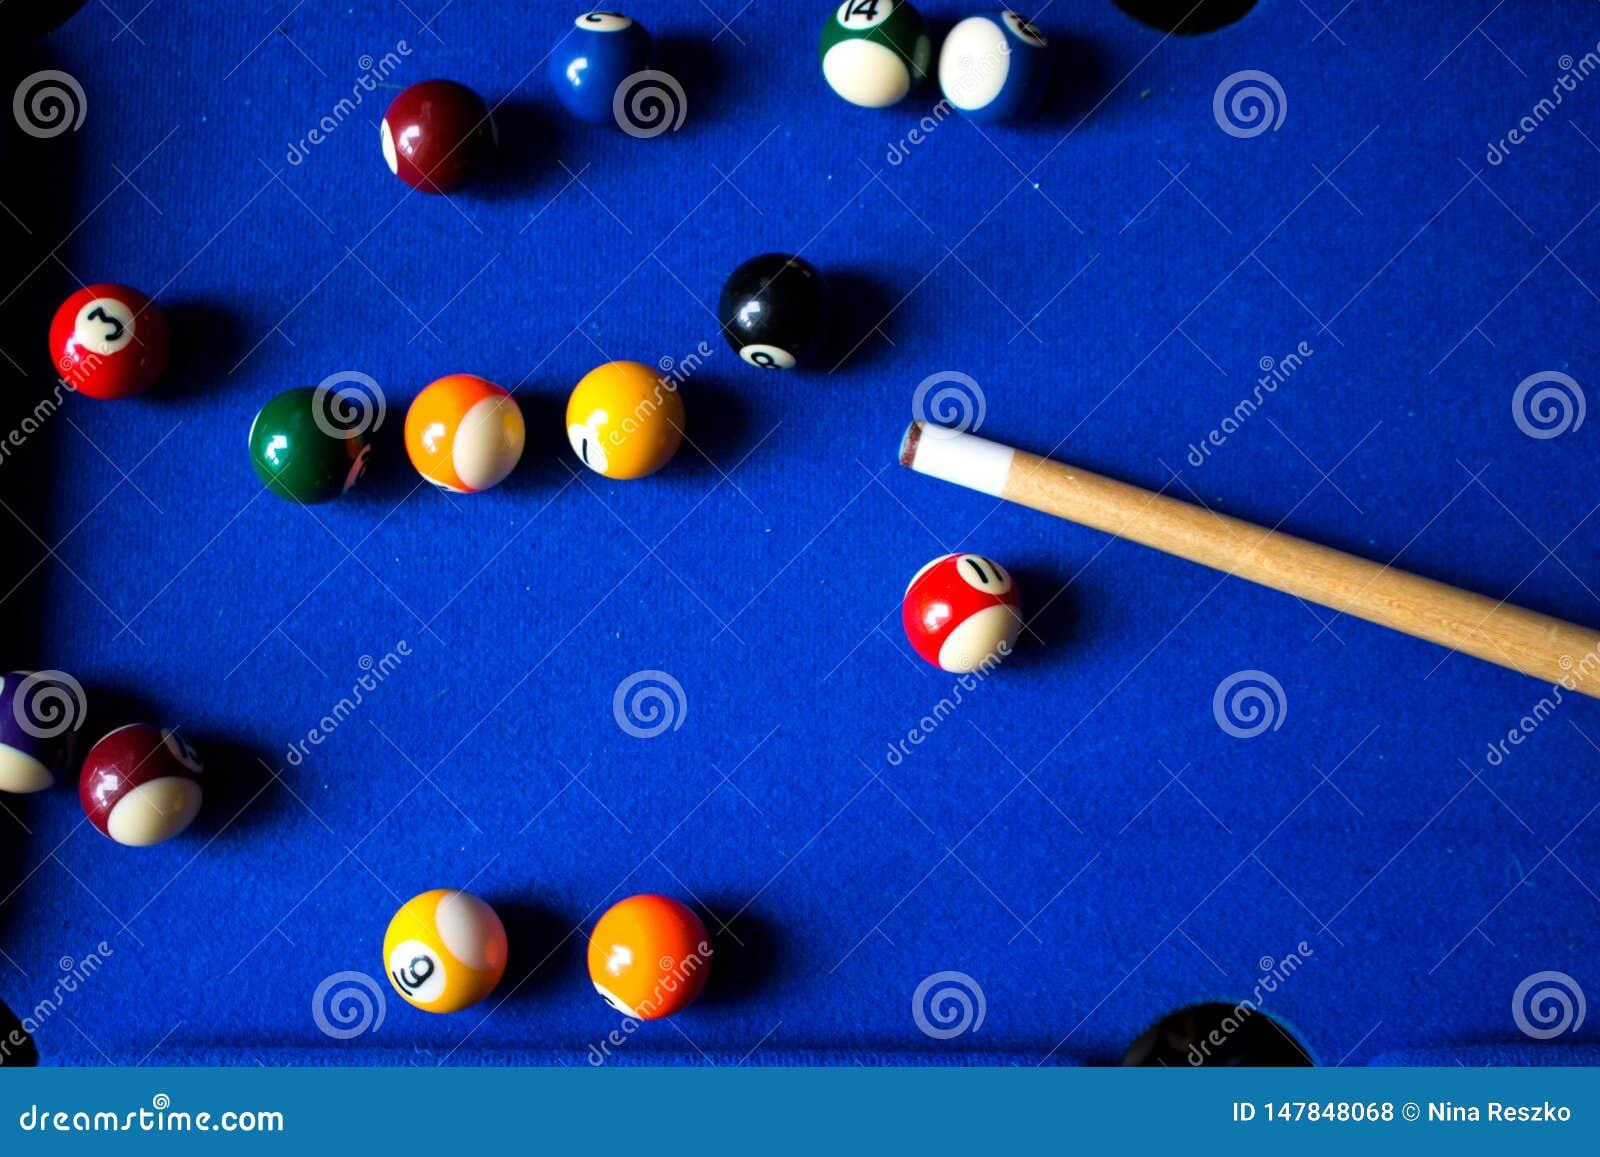 Σφαίρες μπιλιάρδου λιμνών στο μπλε σύνολο παιχνιδιών επιτραπέζιου αθλητισμού Σνούκερ, παιχνίδι λιμνών